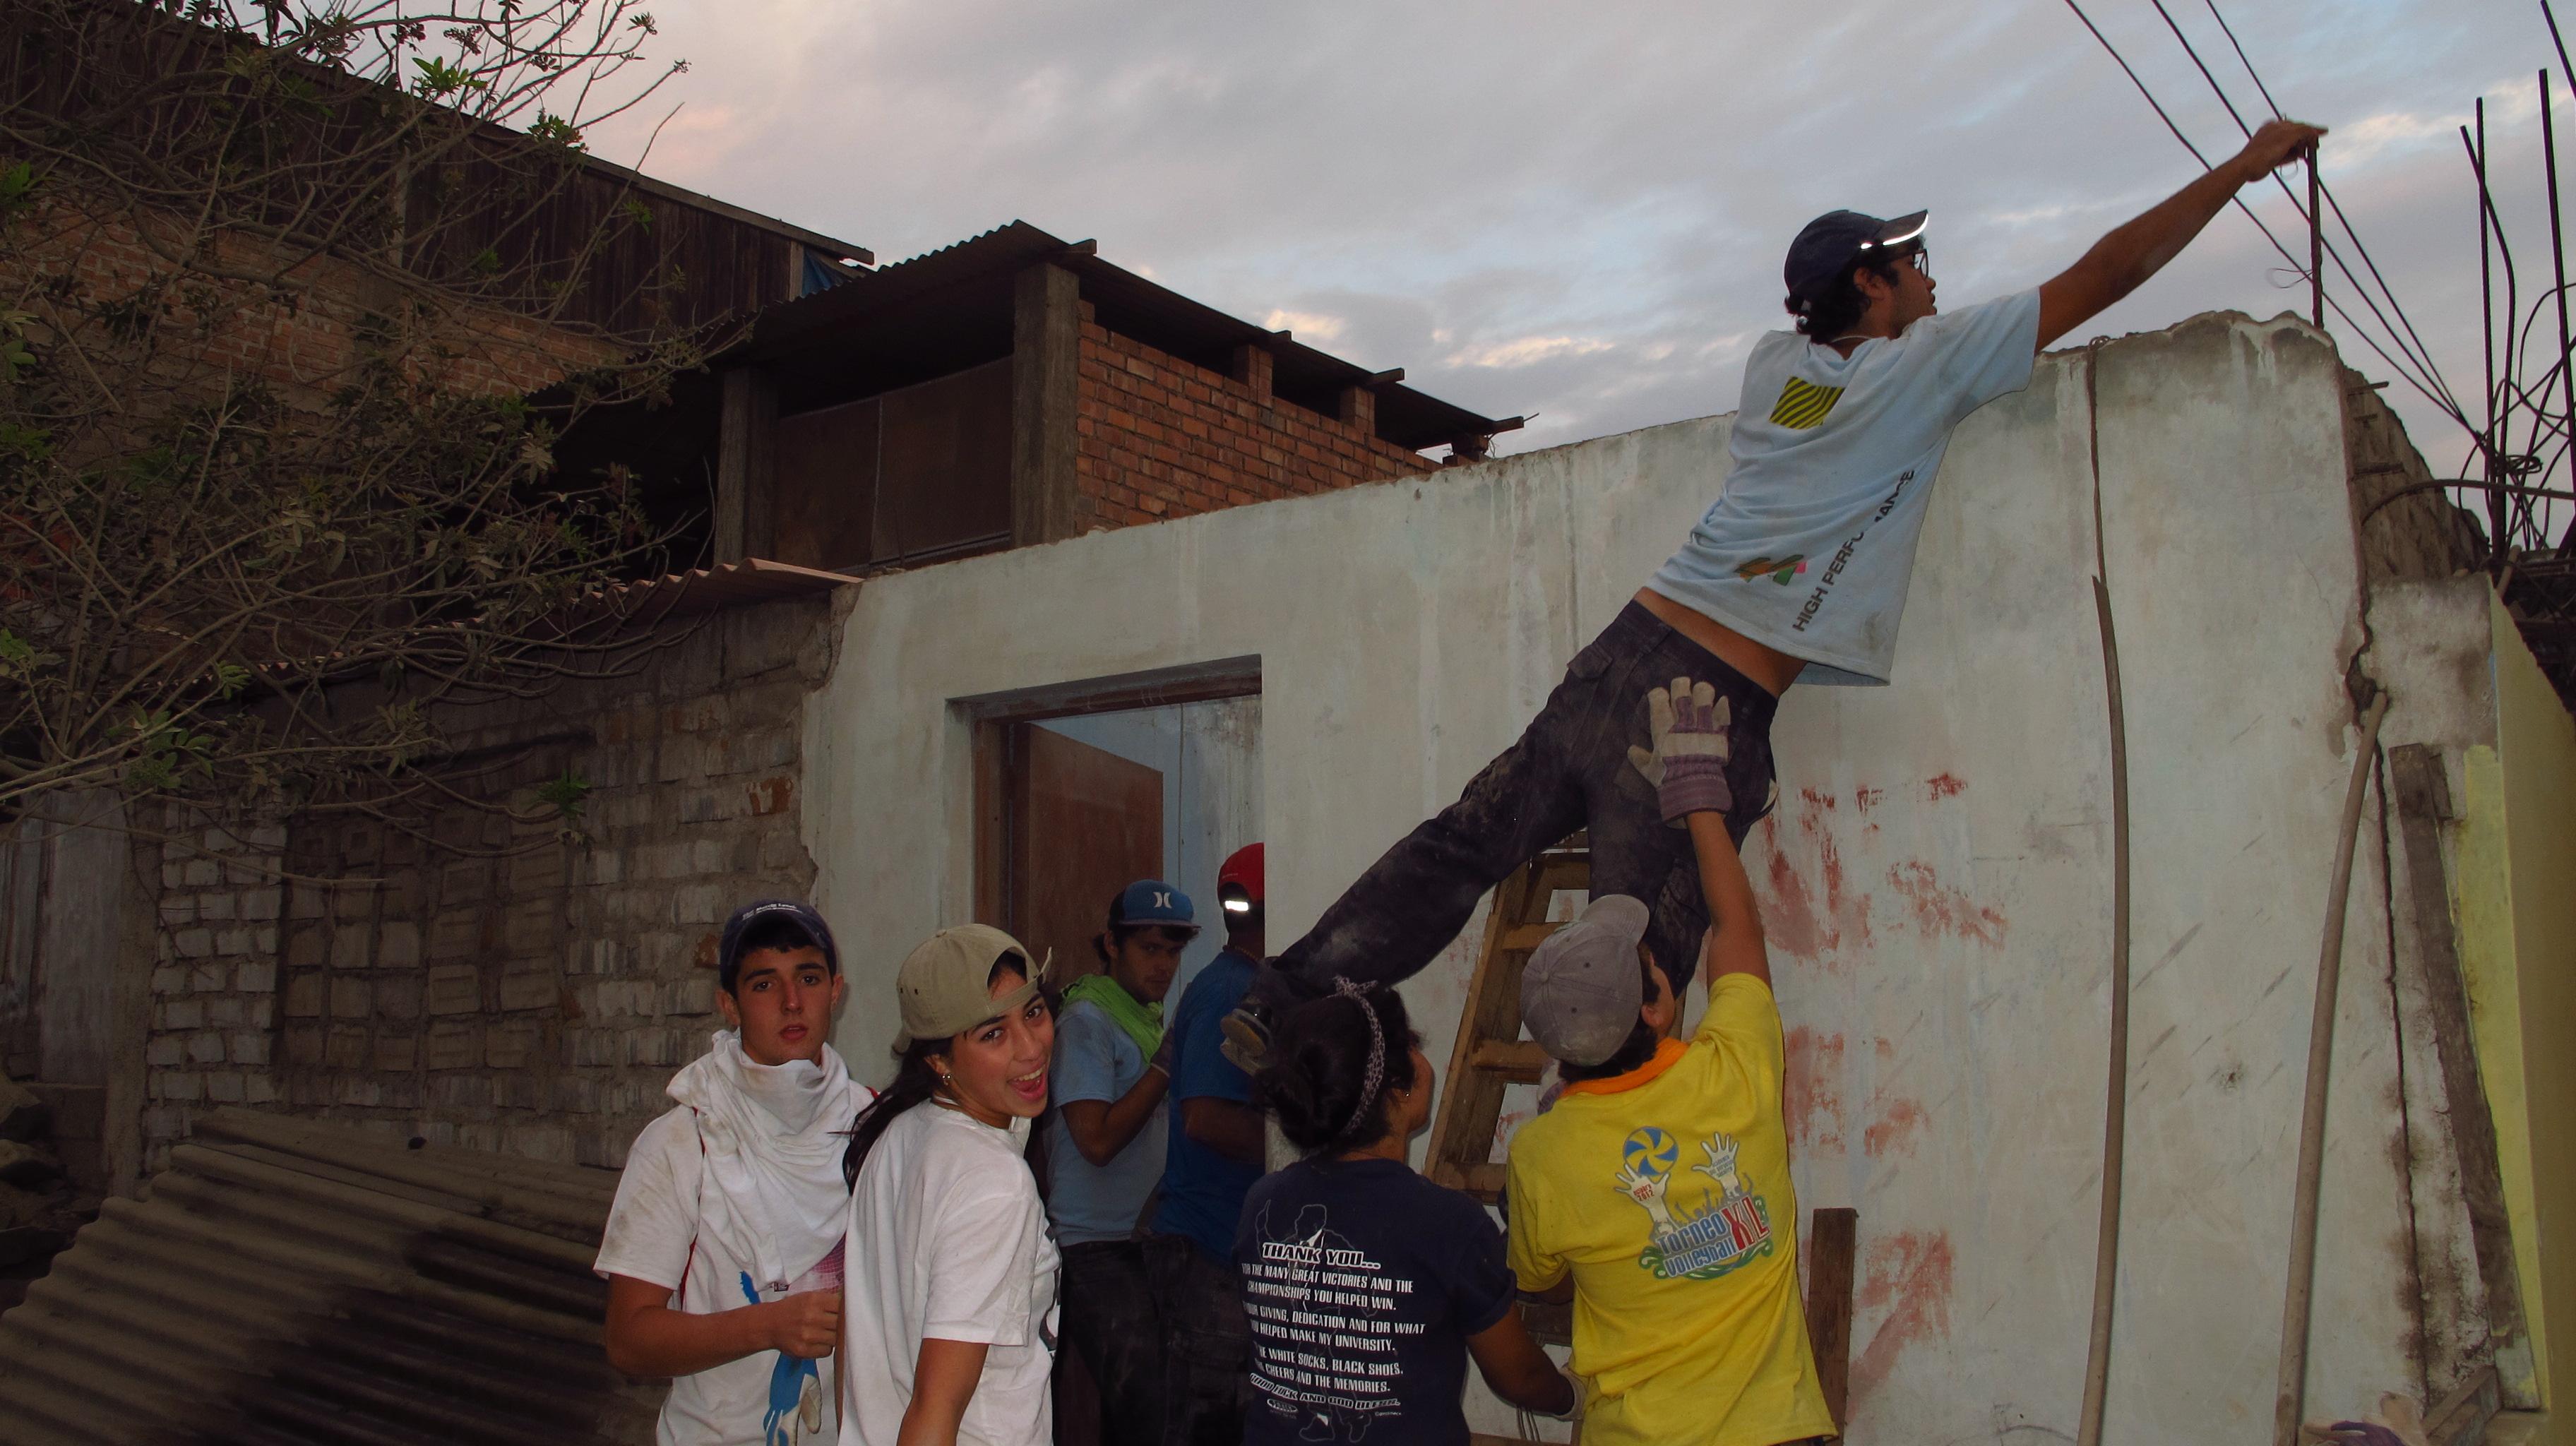 Rebuilding in Ecuador